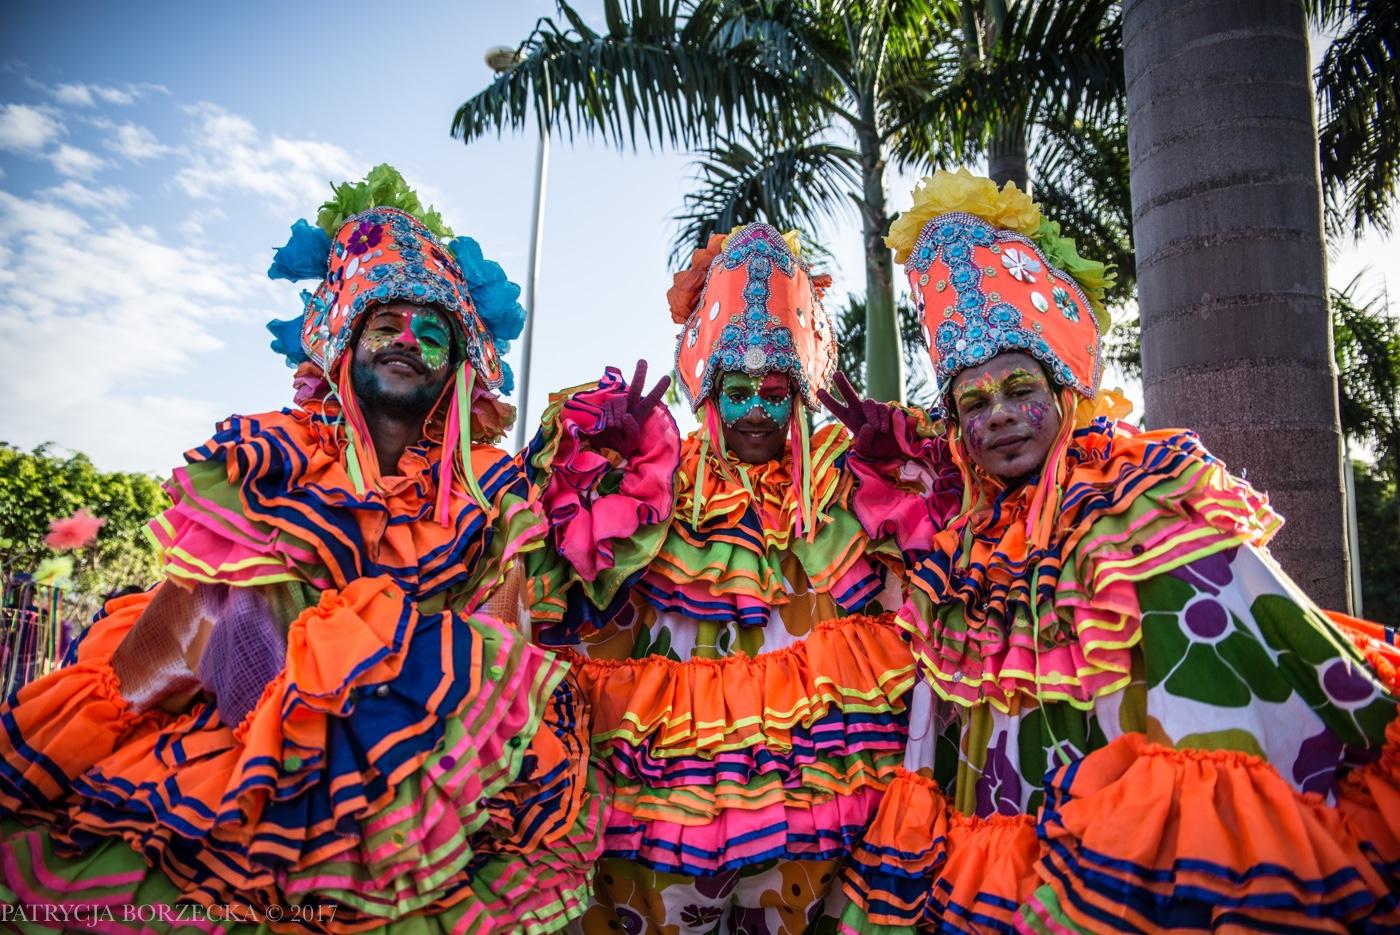 PatrycjaBorzecka-Photo-Carnival-Punta-Cana15